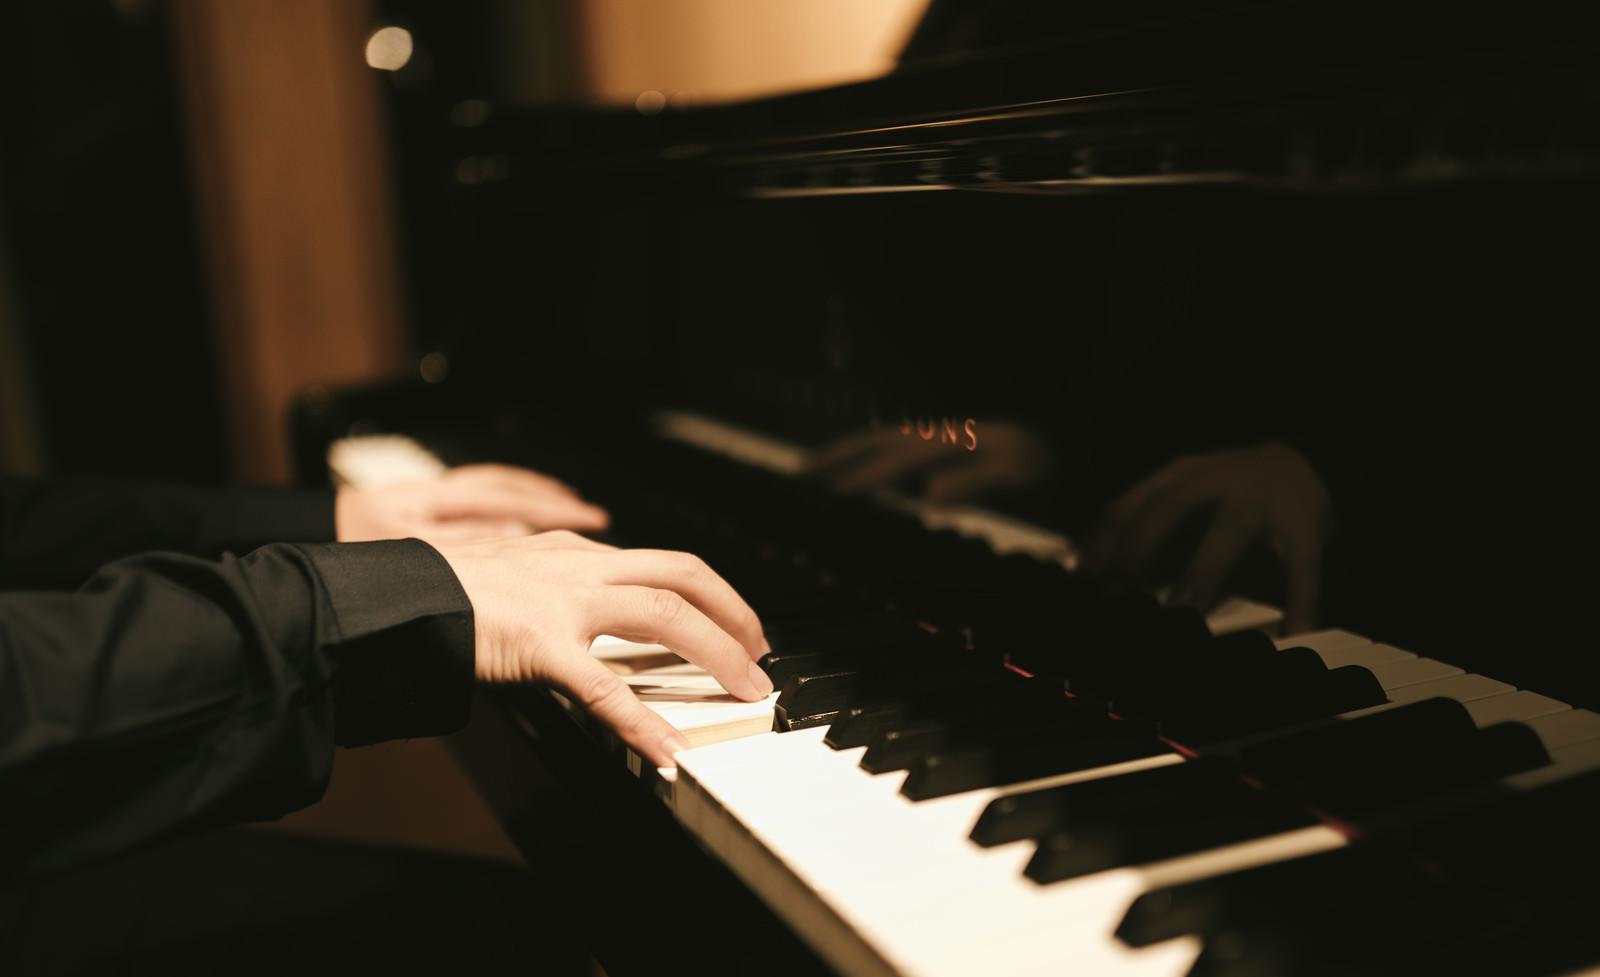 「ピアノを奏でる」の写真